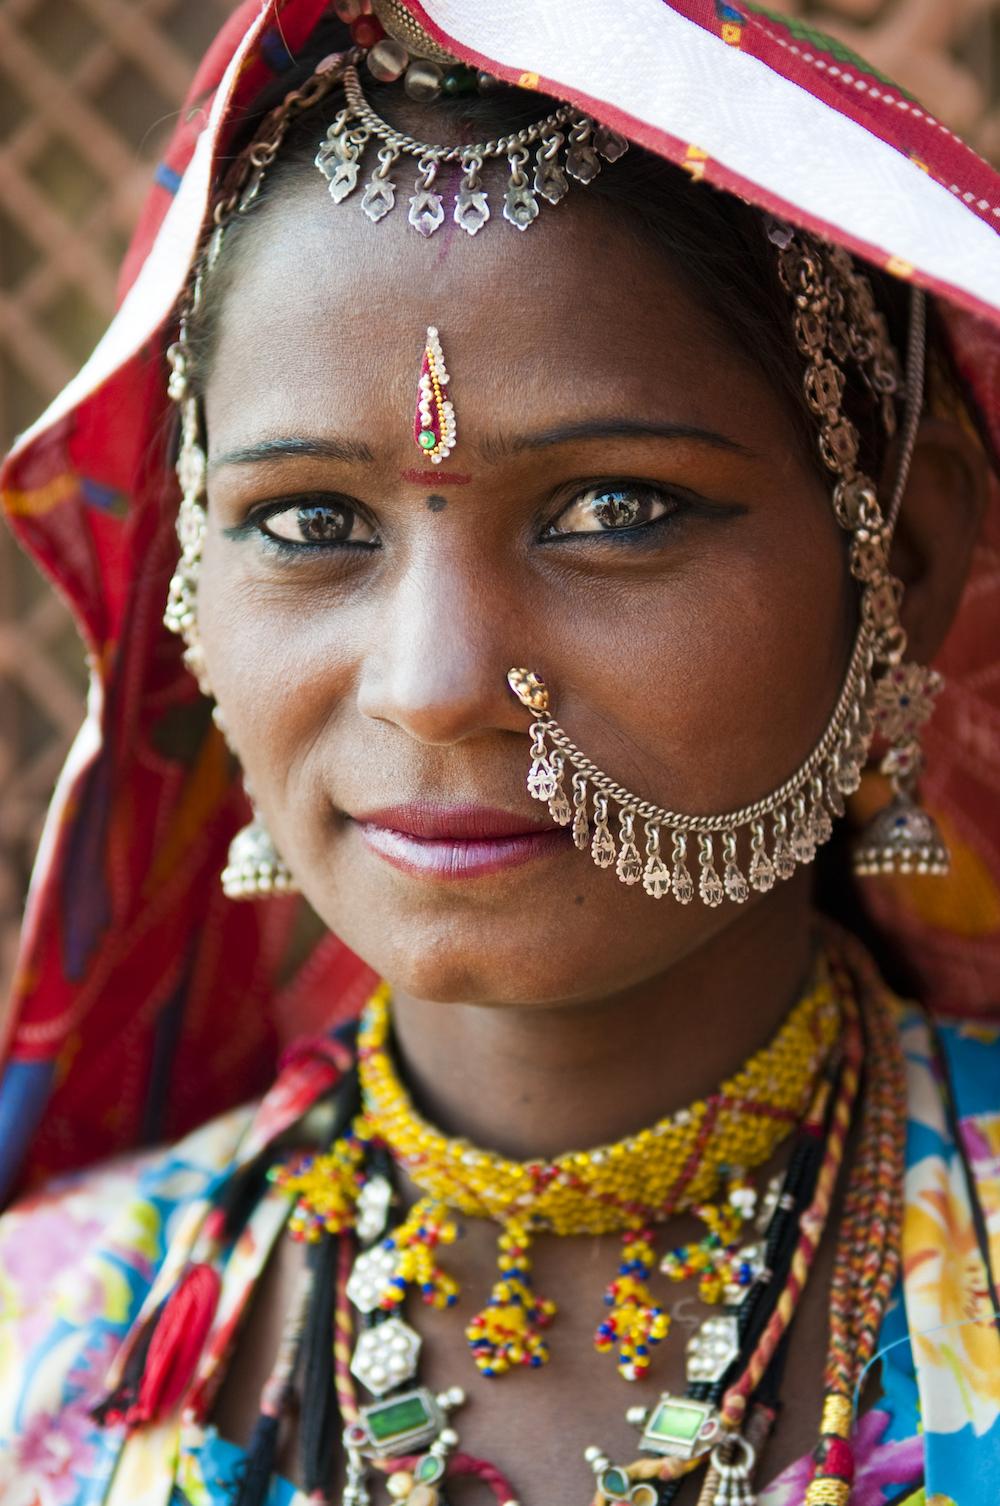 She is a jewel -